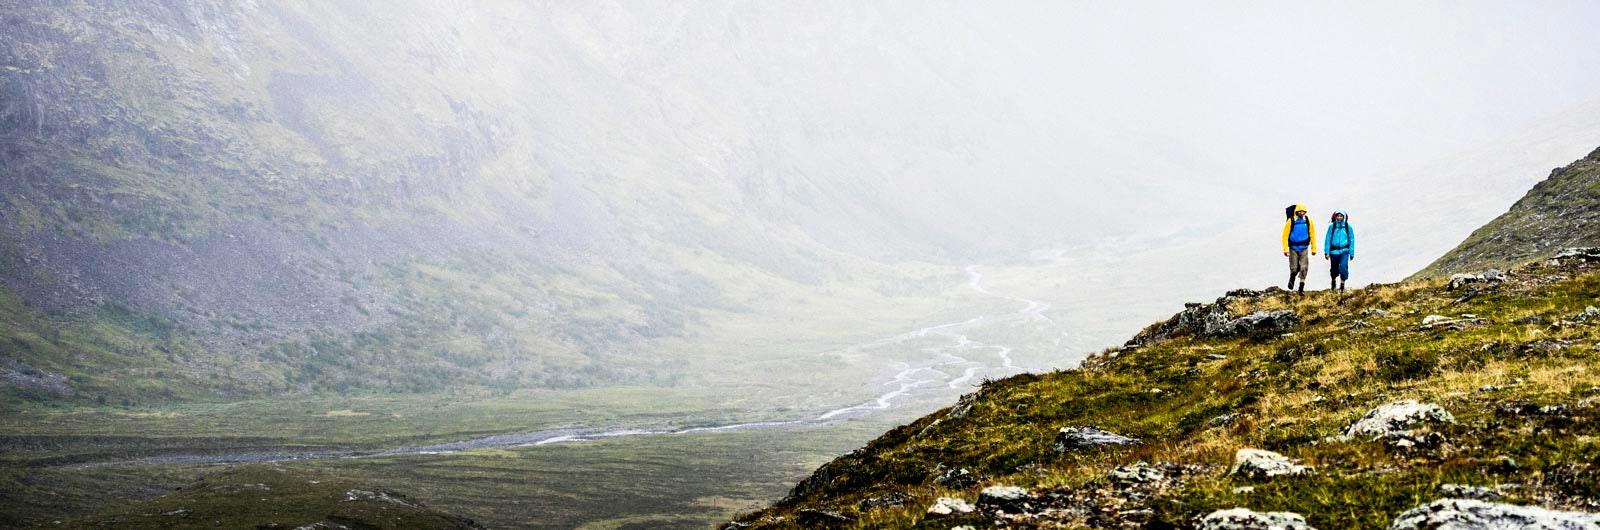 Vandrare högt ovanför floddelta vid Kungsleden